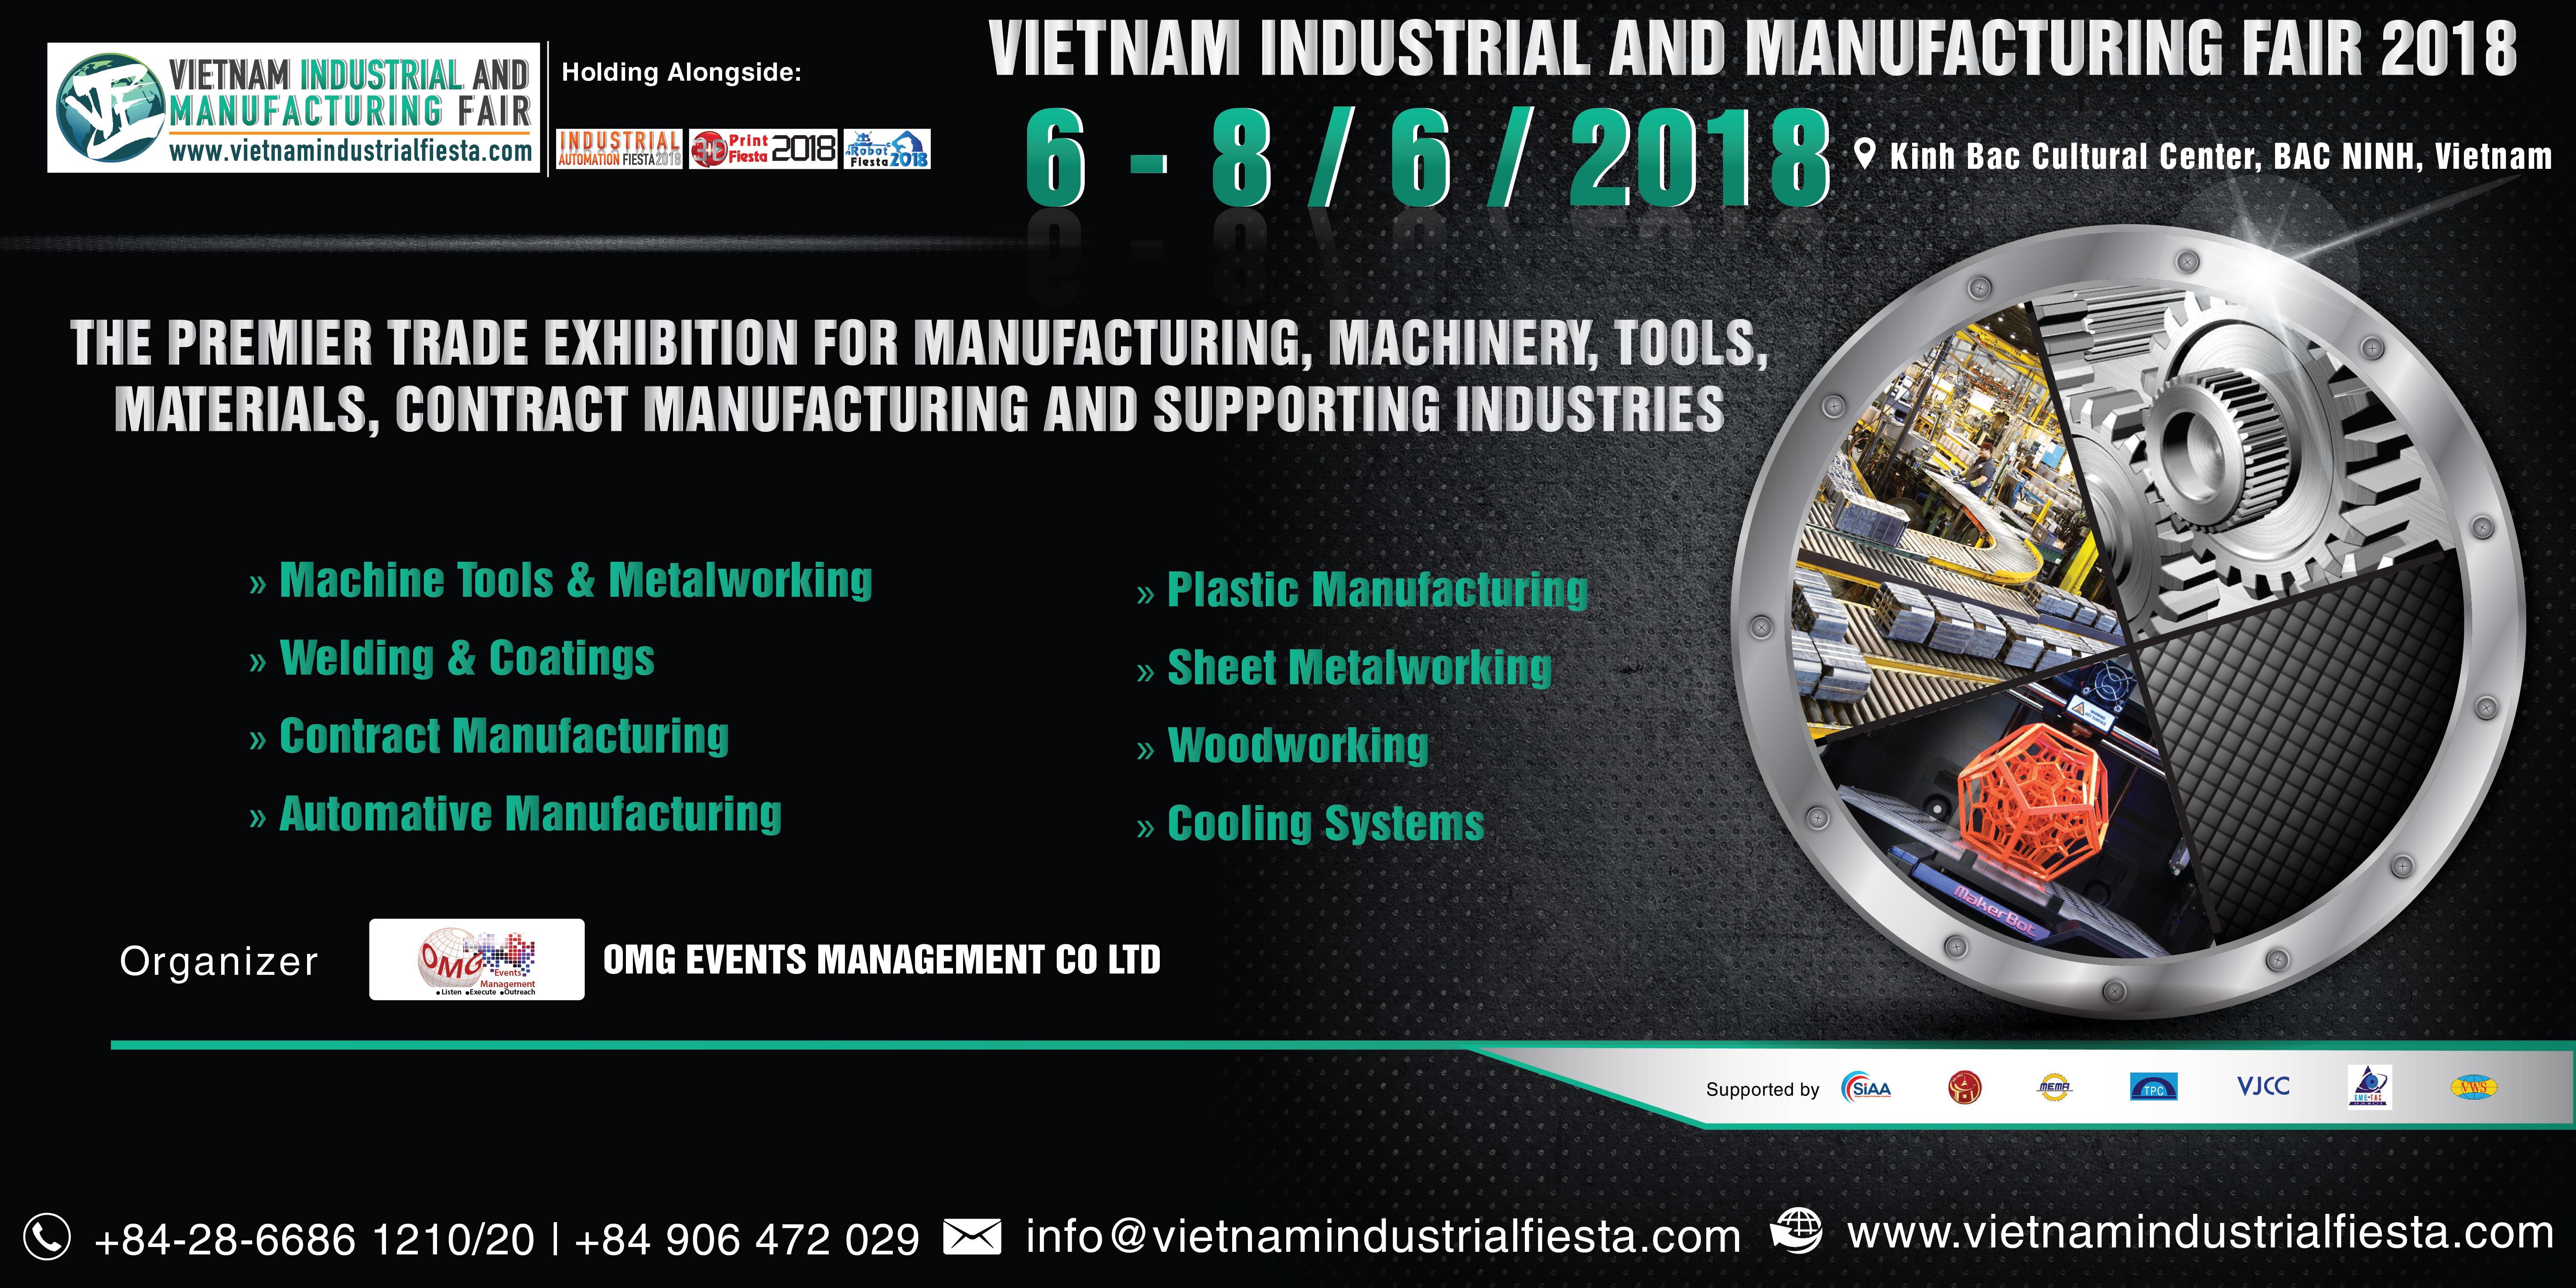 Vietnam Industrial & Manufacturing Fair 2018 ( VIMF 2018)